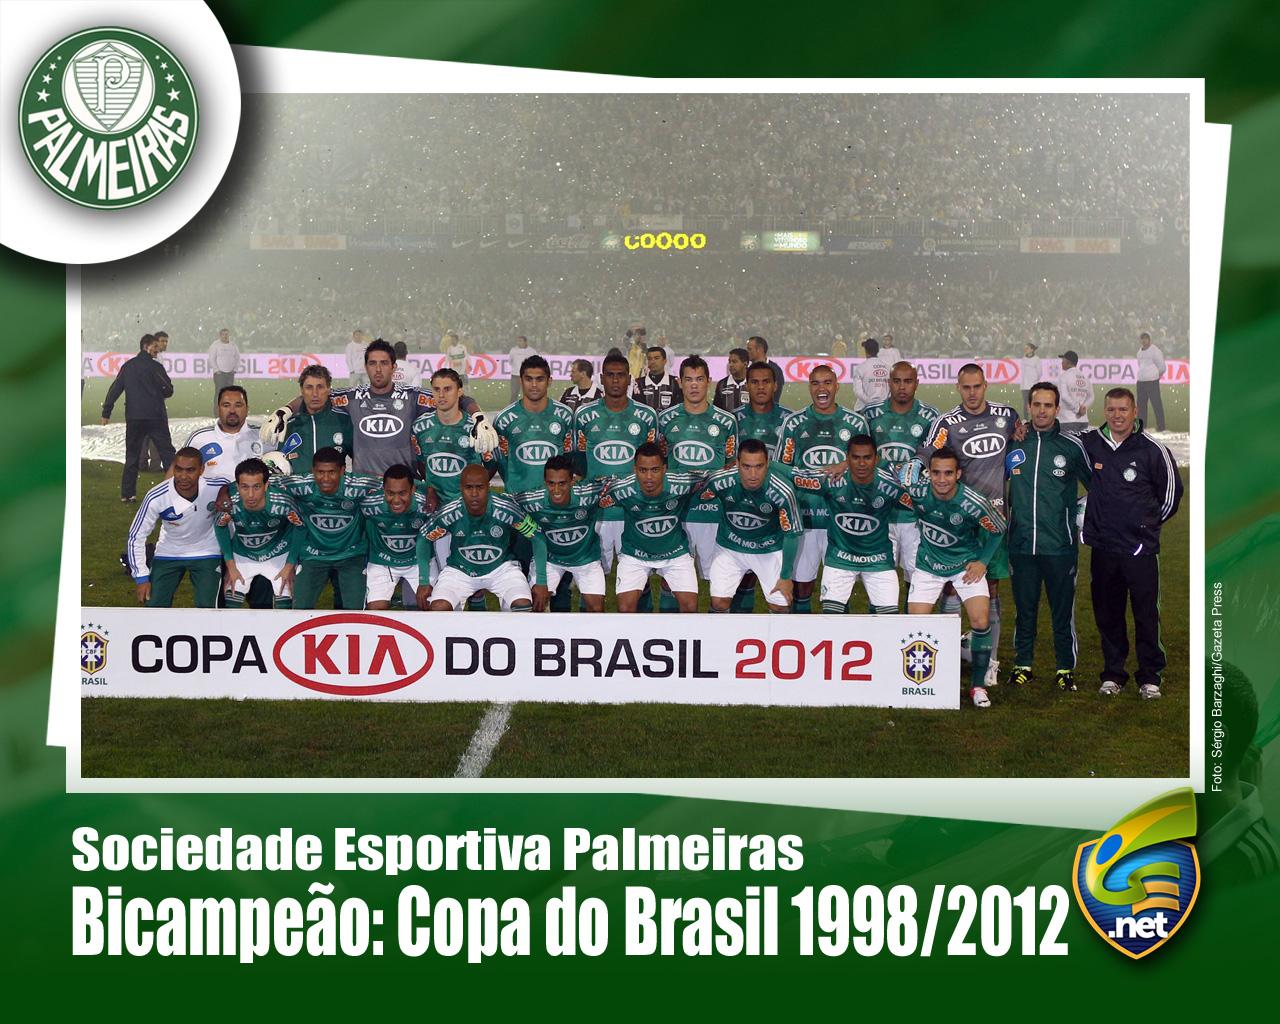 Wallpaper: Palmeiras Campeão da Copa do Brasil 2012 - 01